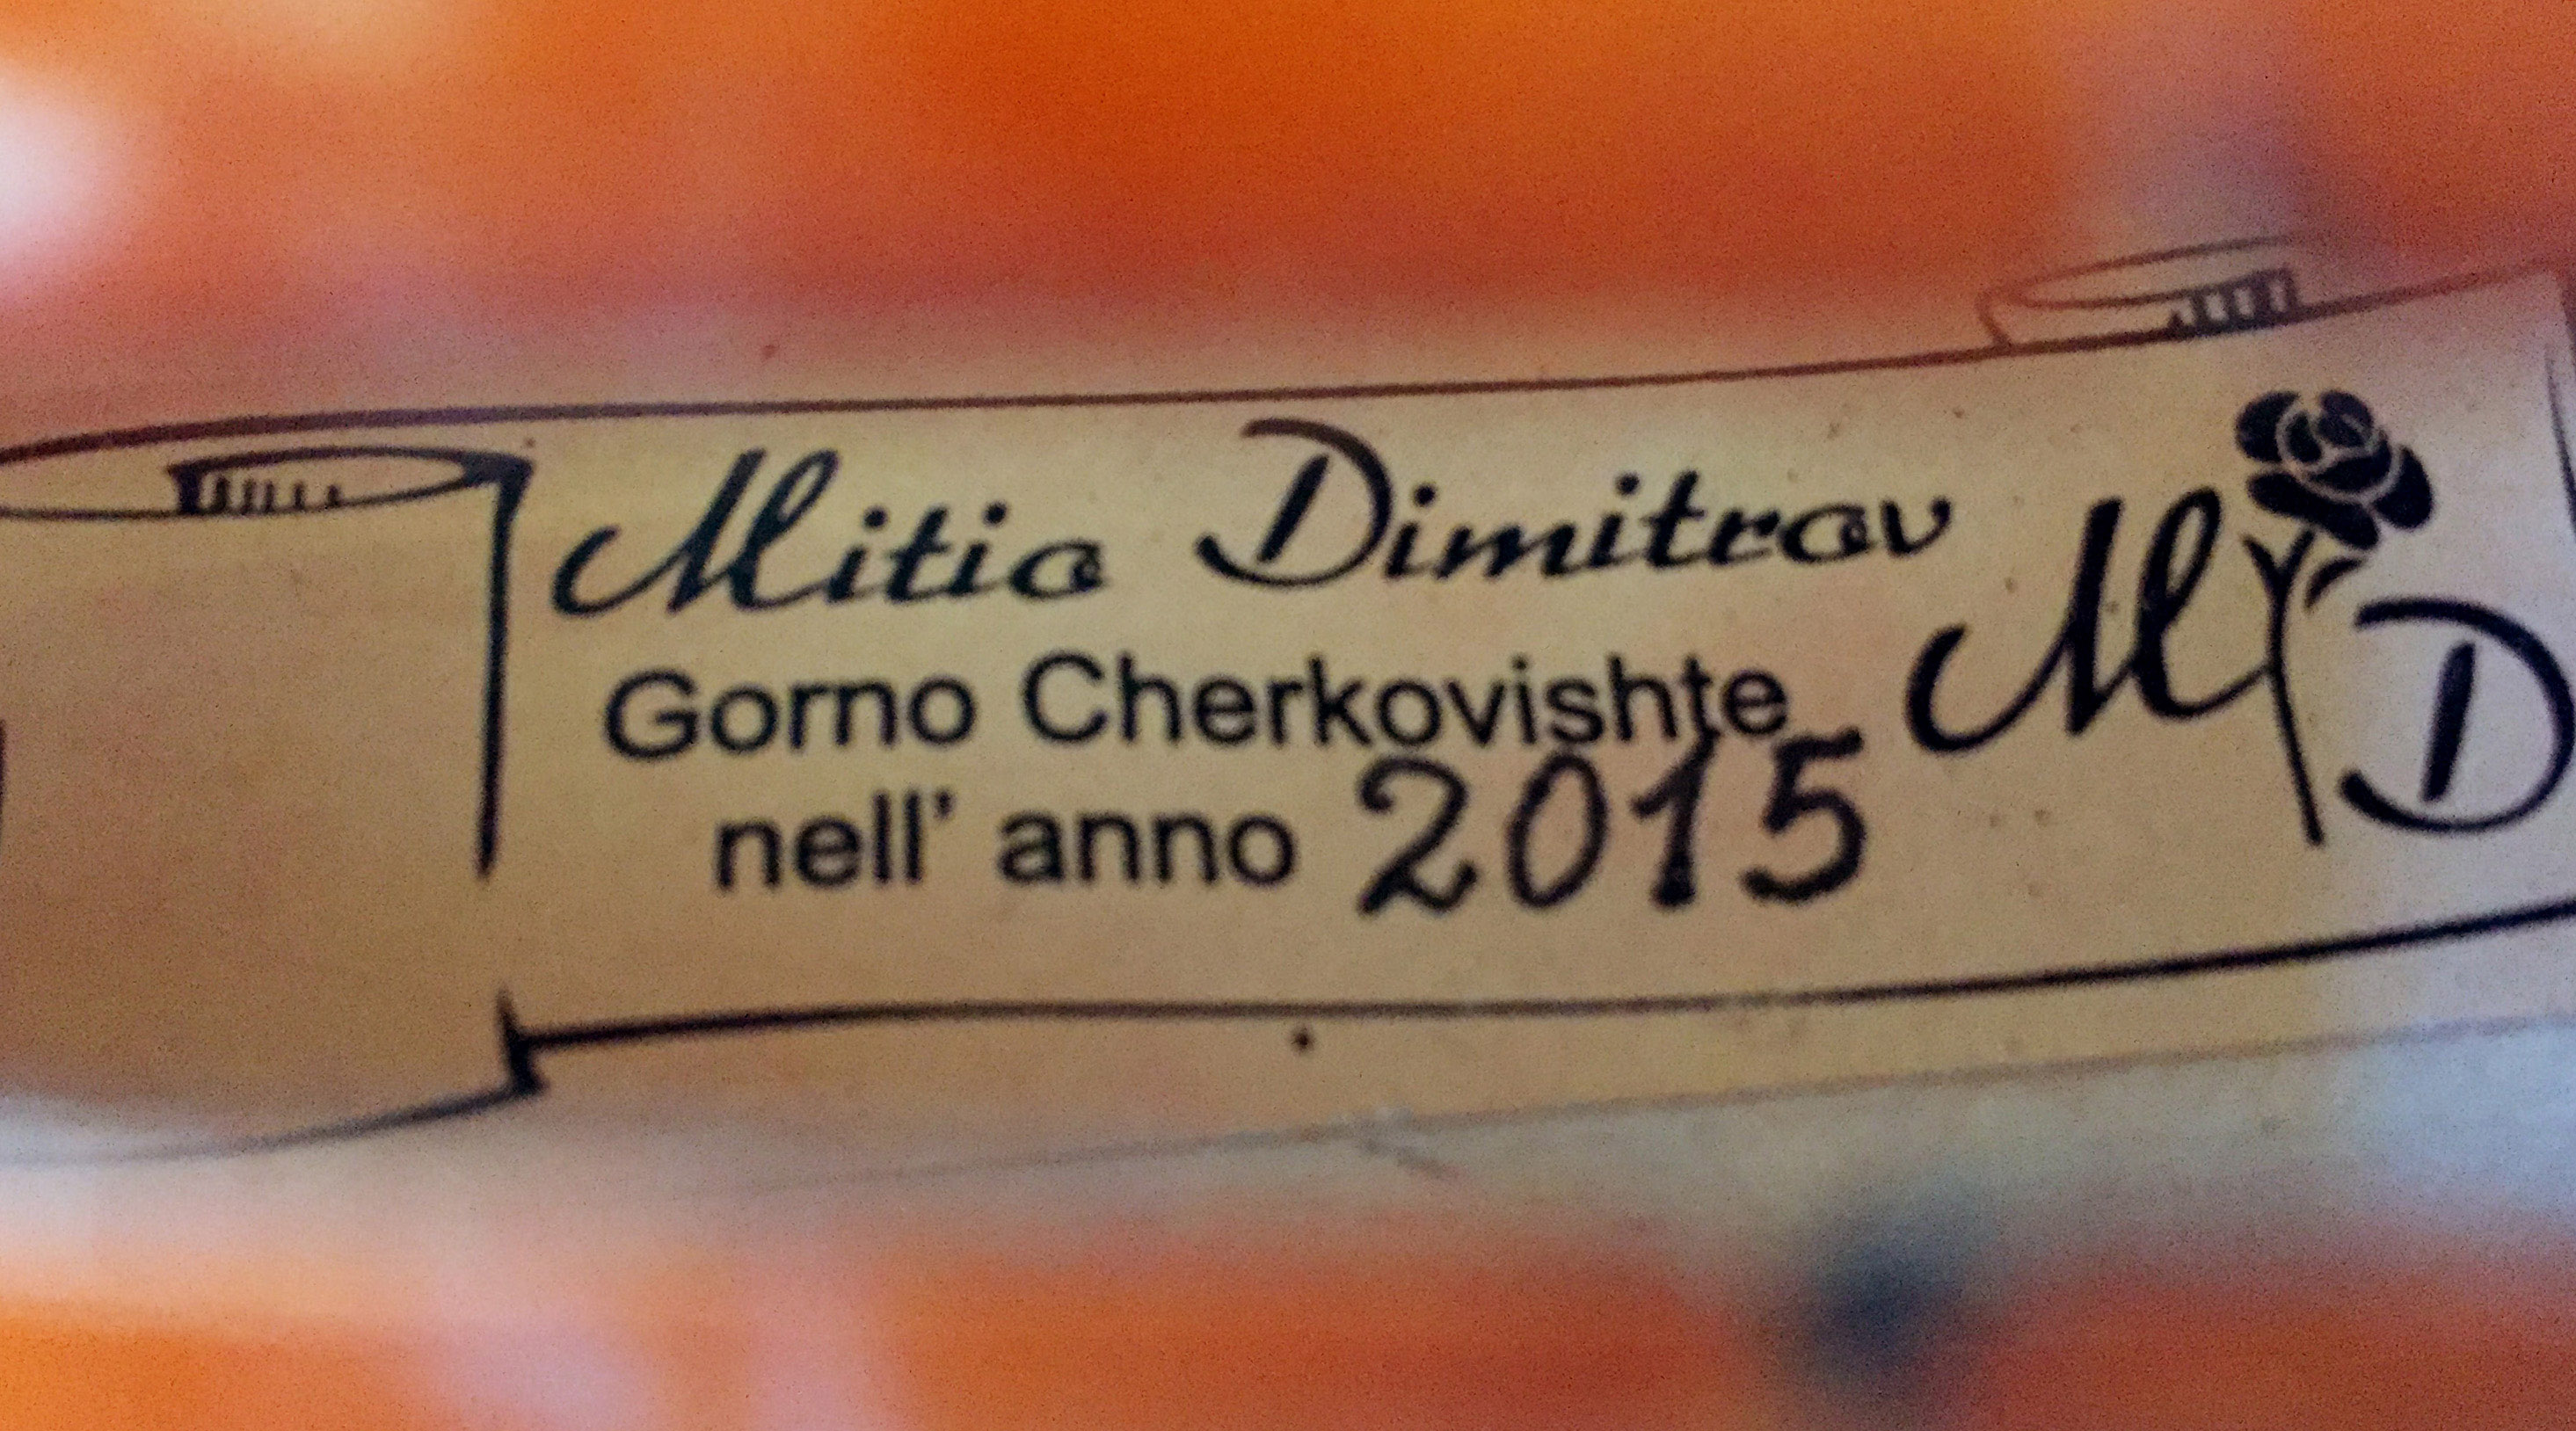 Mitio Dimitrov